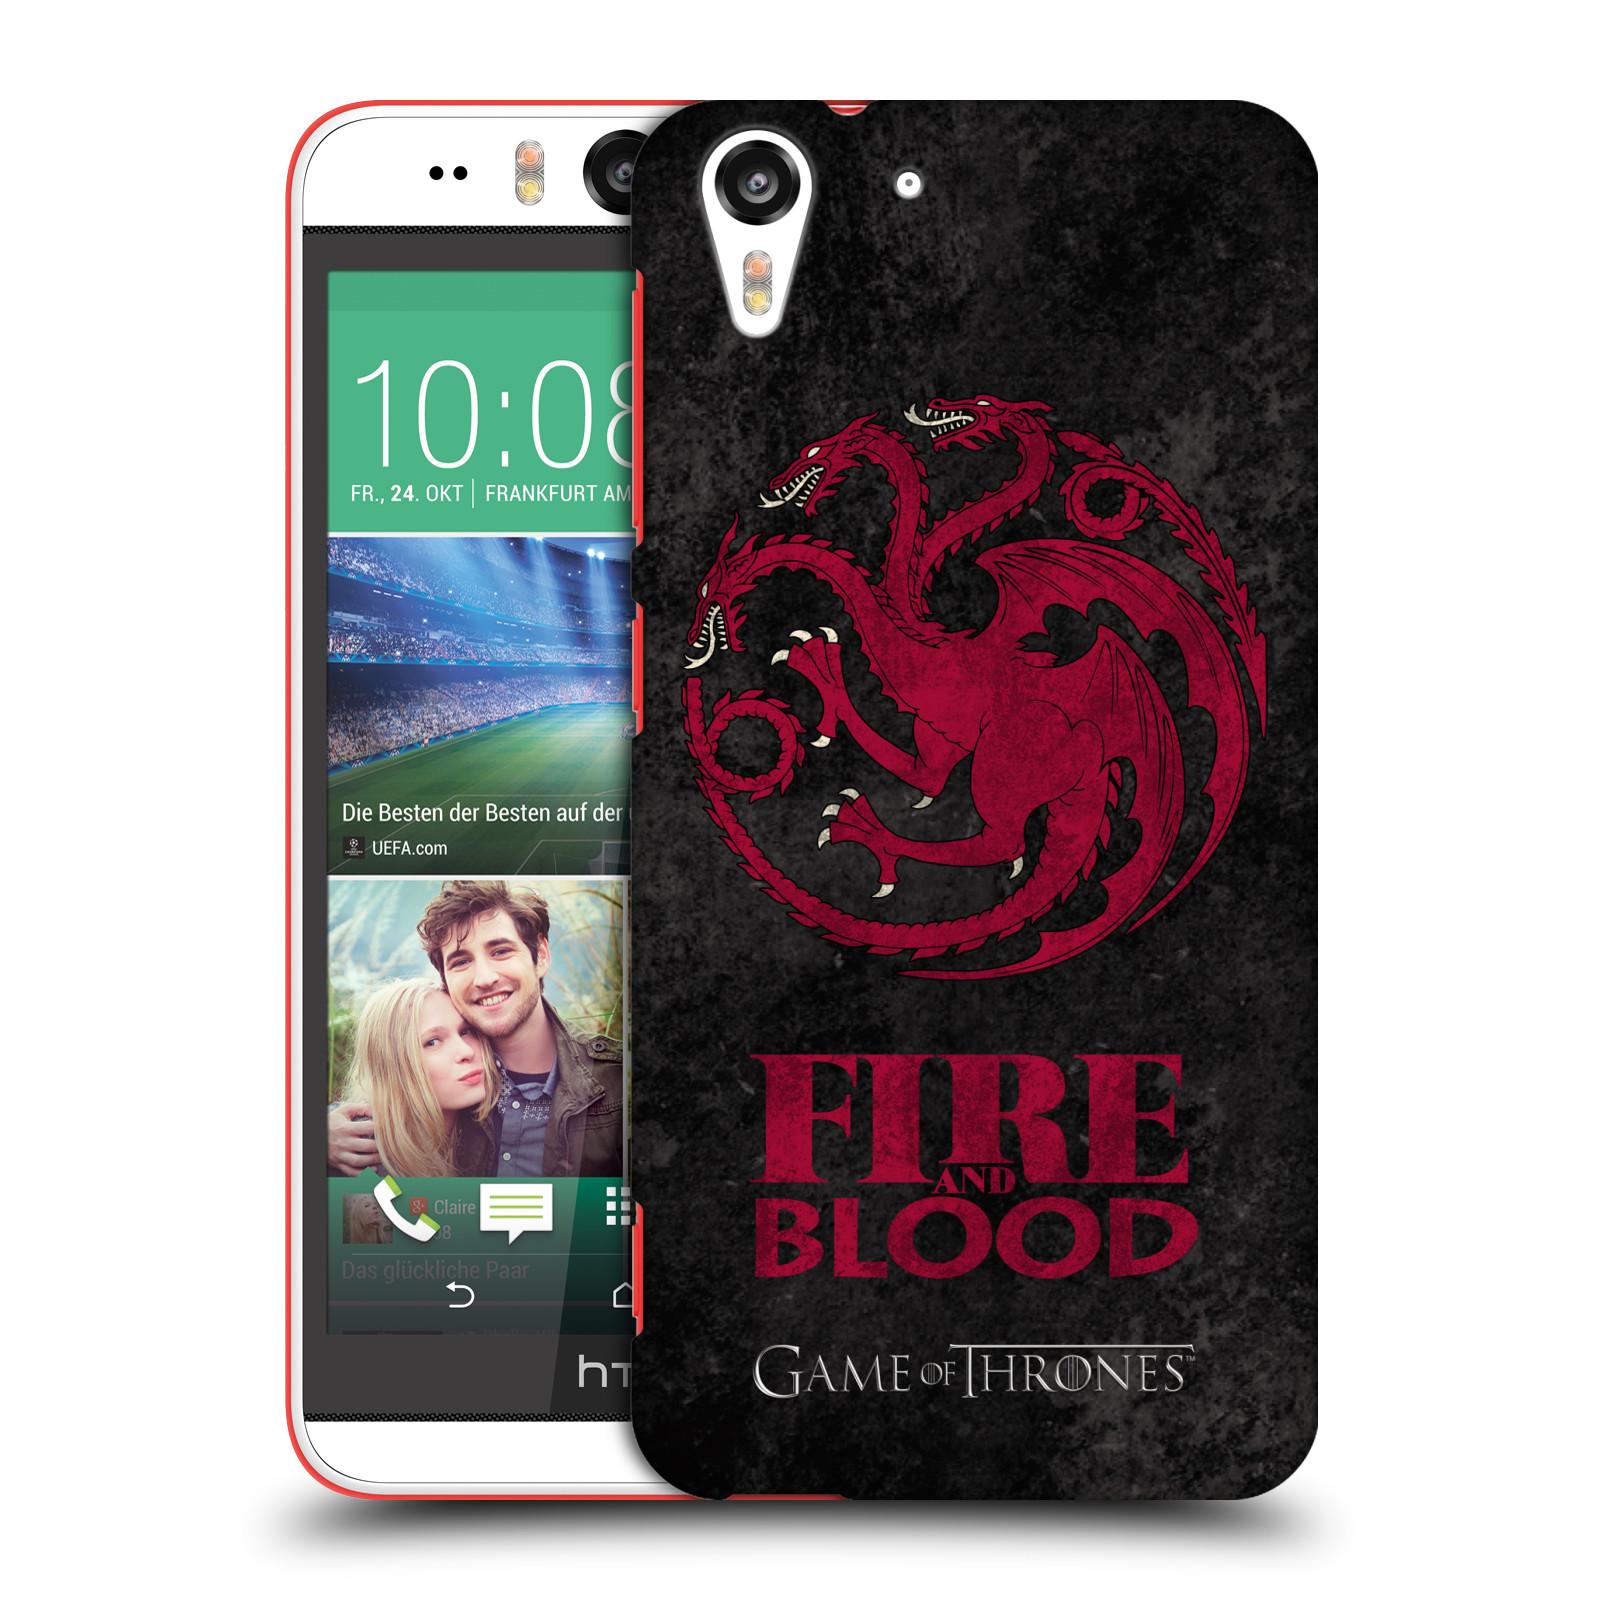 Plastové pouzdro na mobil HTC Desire EYE HEAD CASE Hra o trůny - Sigils Targaryen - Fire and Blood (Plastový kryt či obal na mobilní telefon s licencovaným motivem Hra o trůny - Game Of Thrones pro HTC Desire EYE)